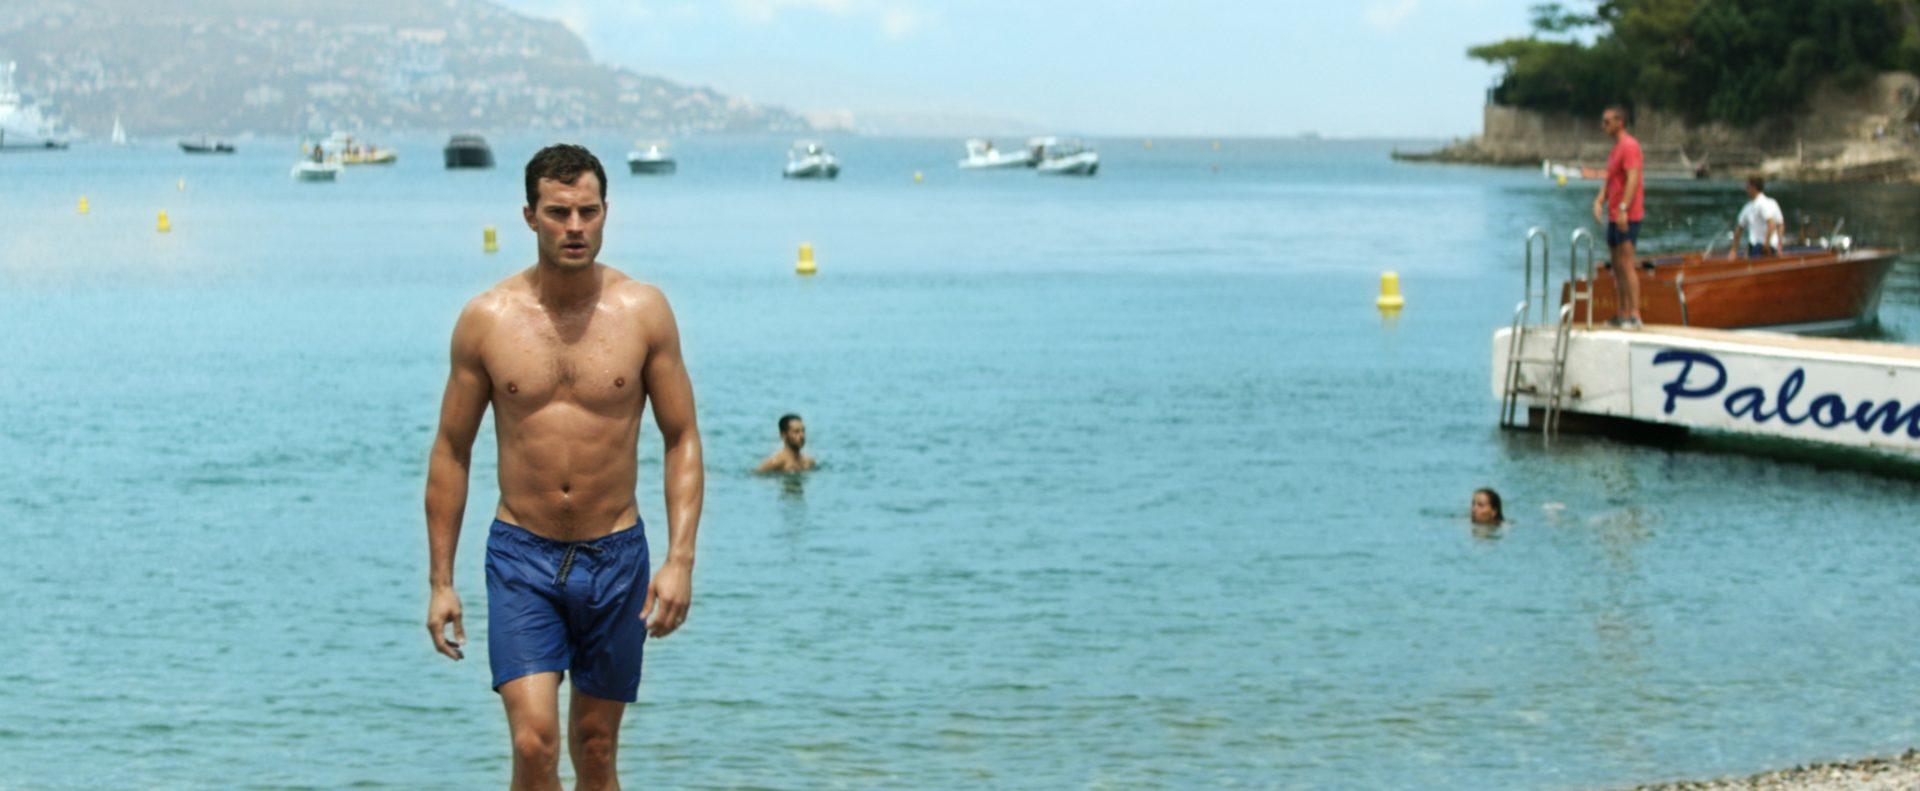 Christian arrasando, na Praia de Paloma, em Saint-Jean du Cap Ferrat